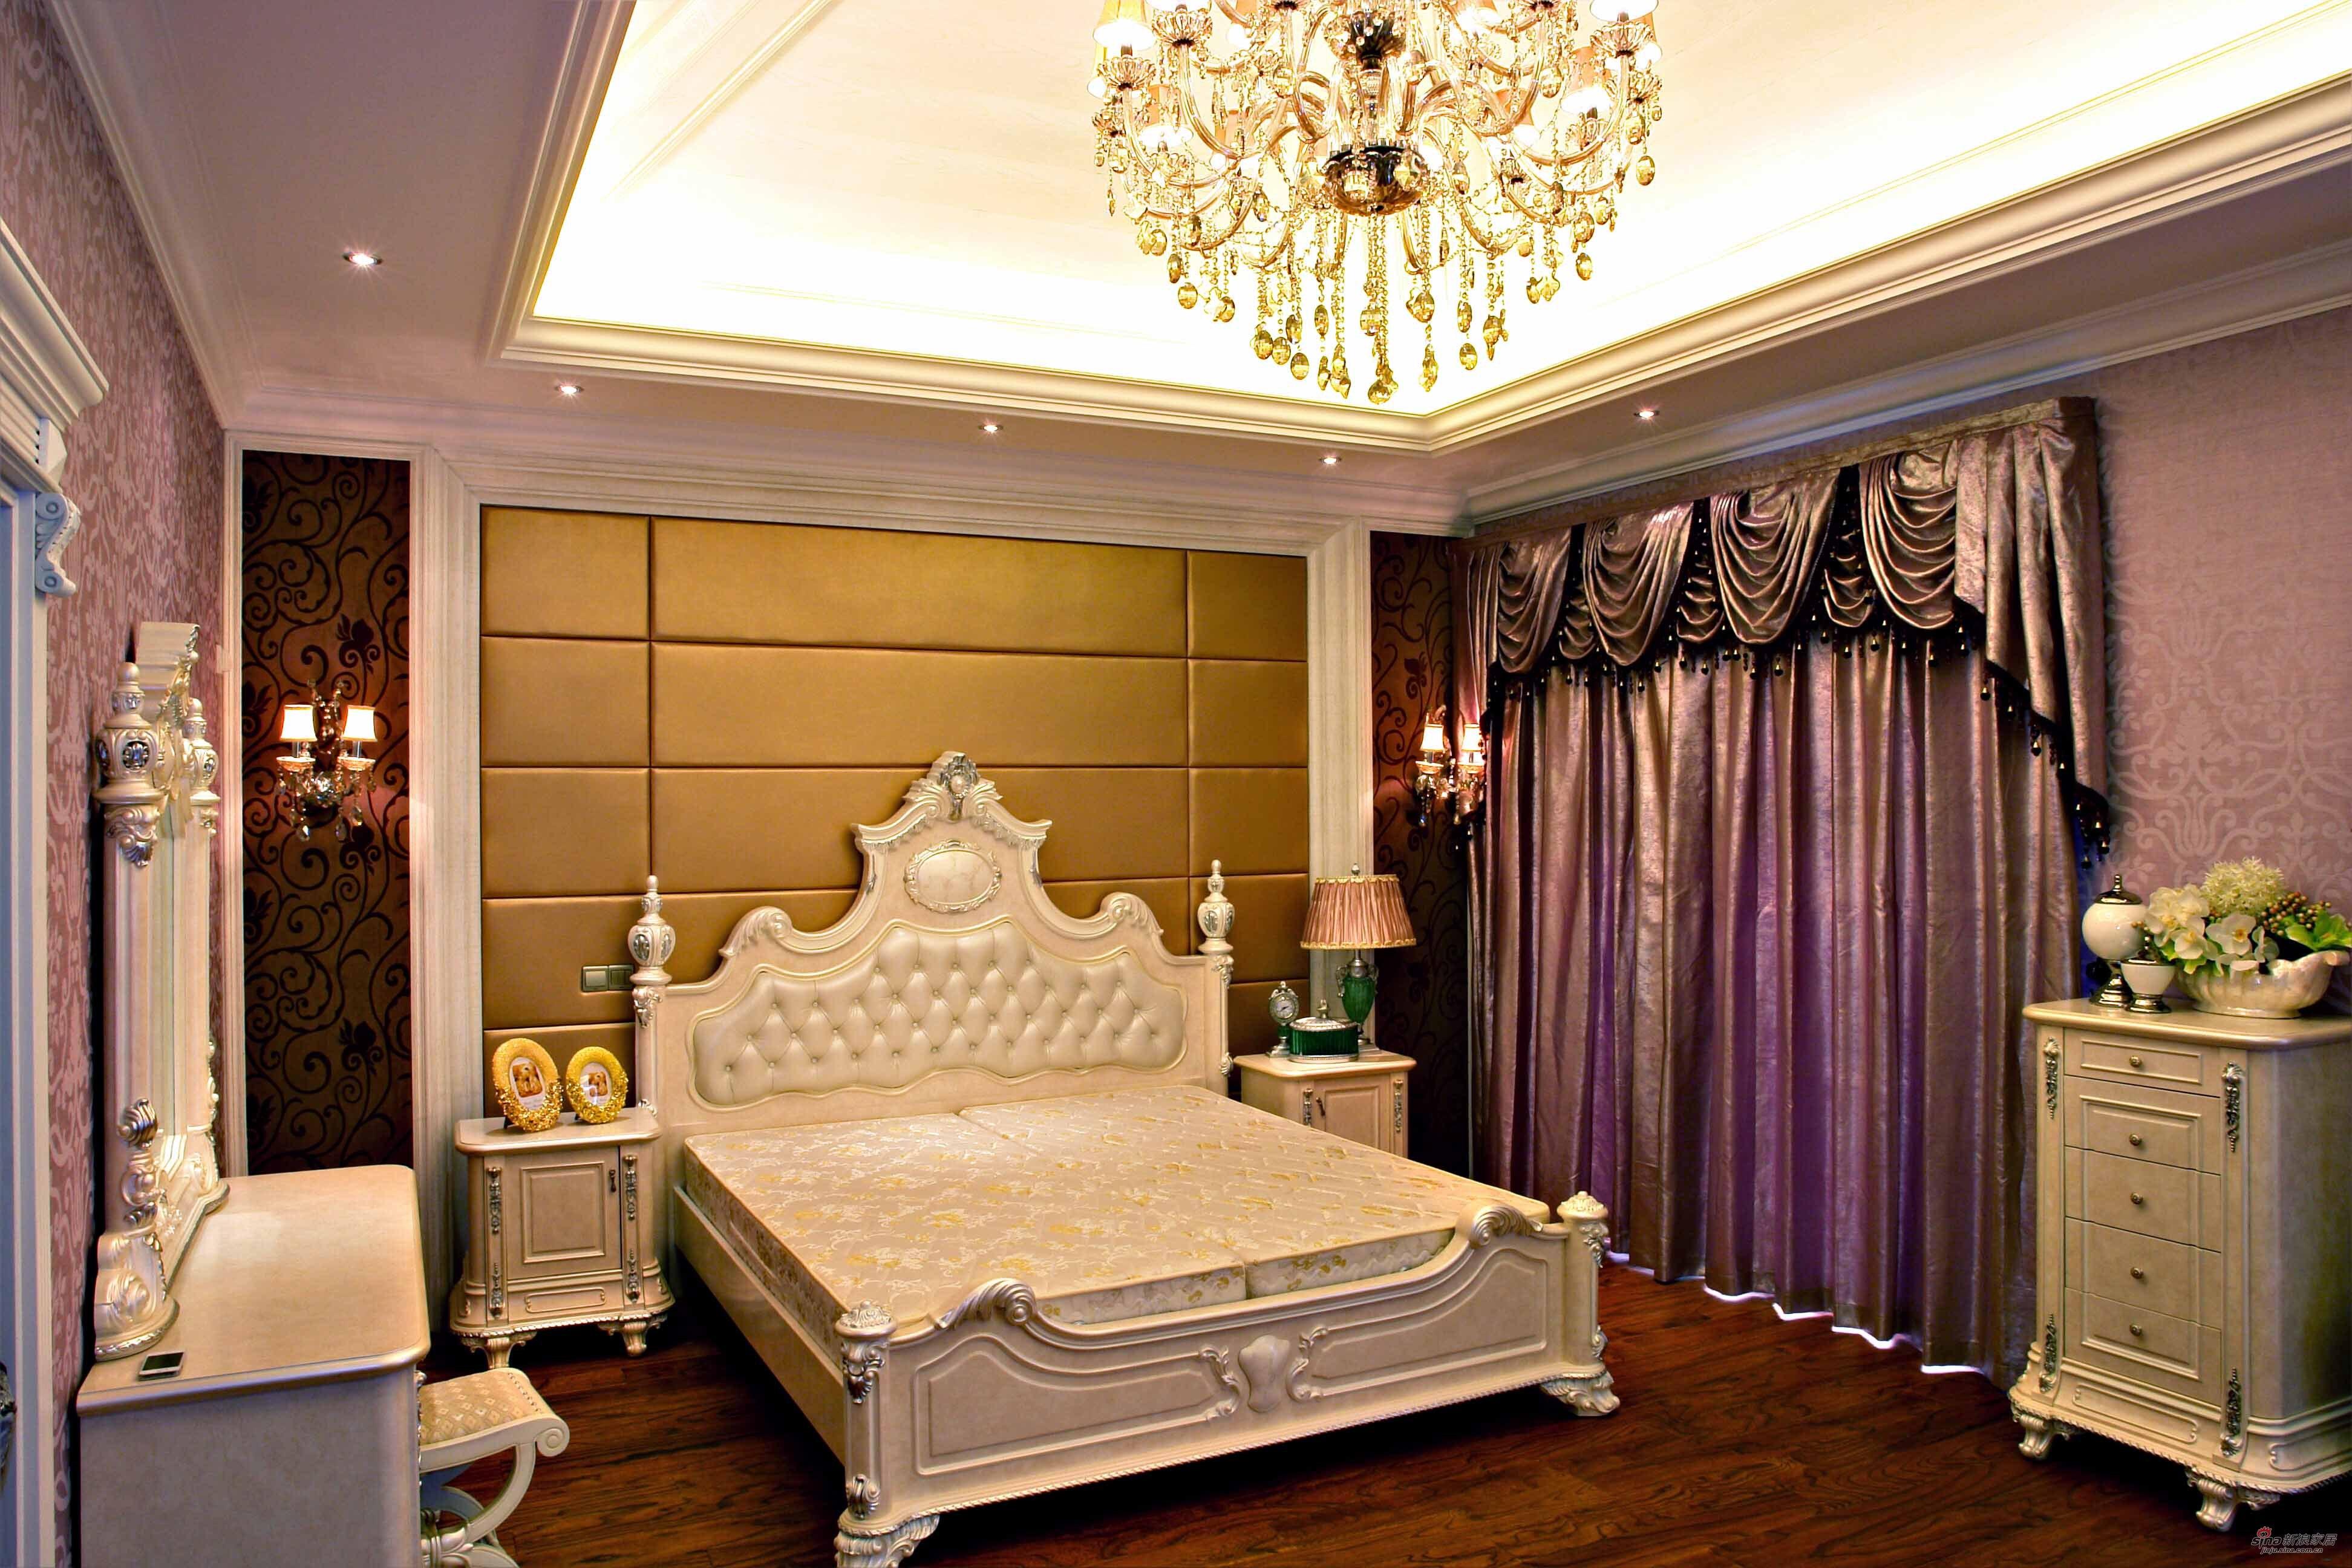 混搭 别墅 卧室图片来自用户1907691673在【高清】300平高贵典雅大气混搭豪宅49的分享